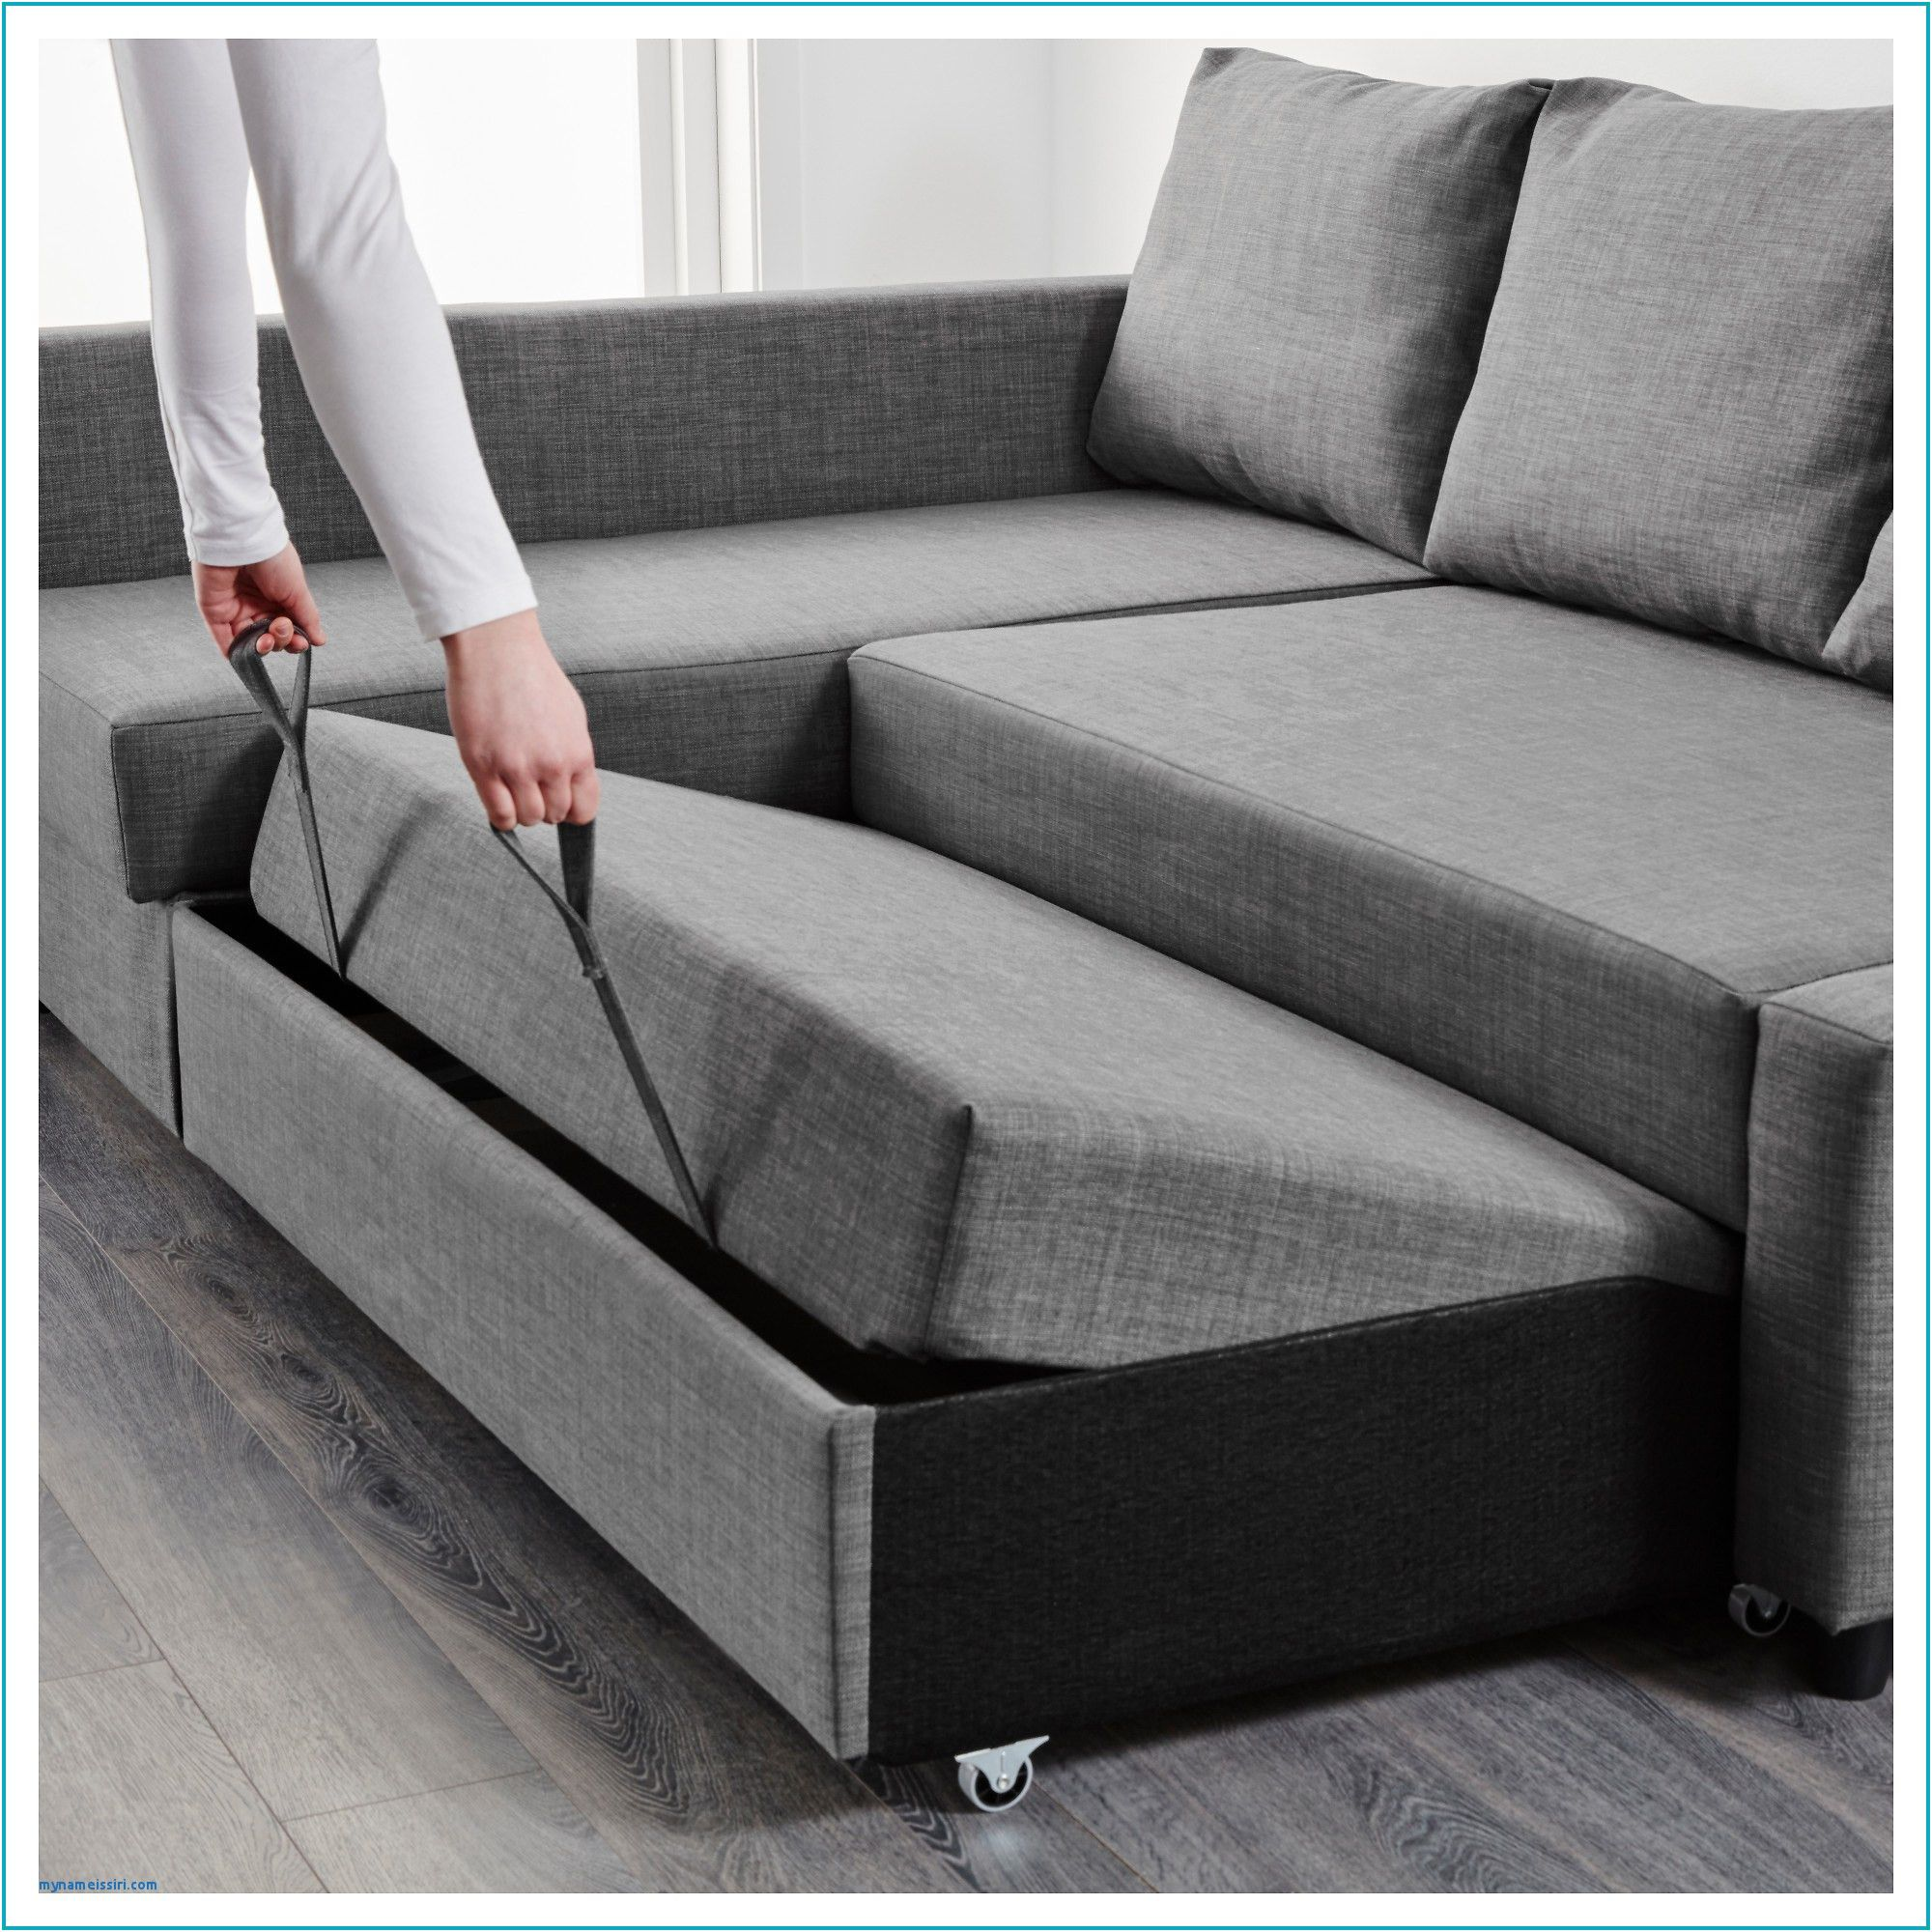 Interessant Otto Versand Couchgarnituren Couch Mobel Di 2018